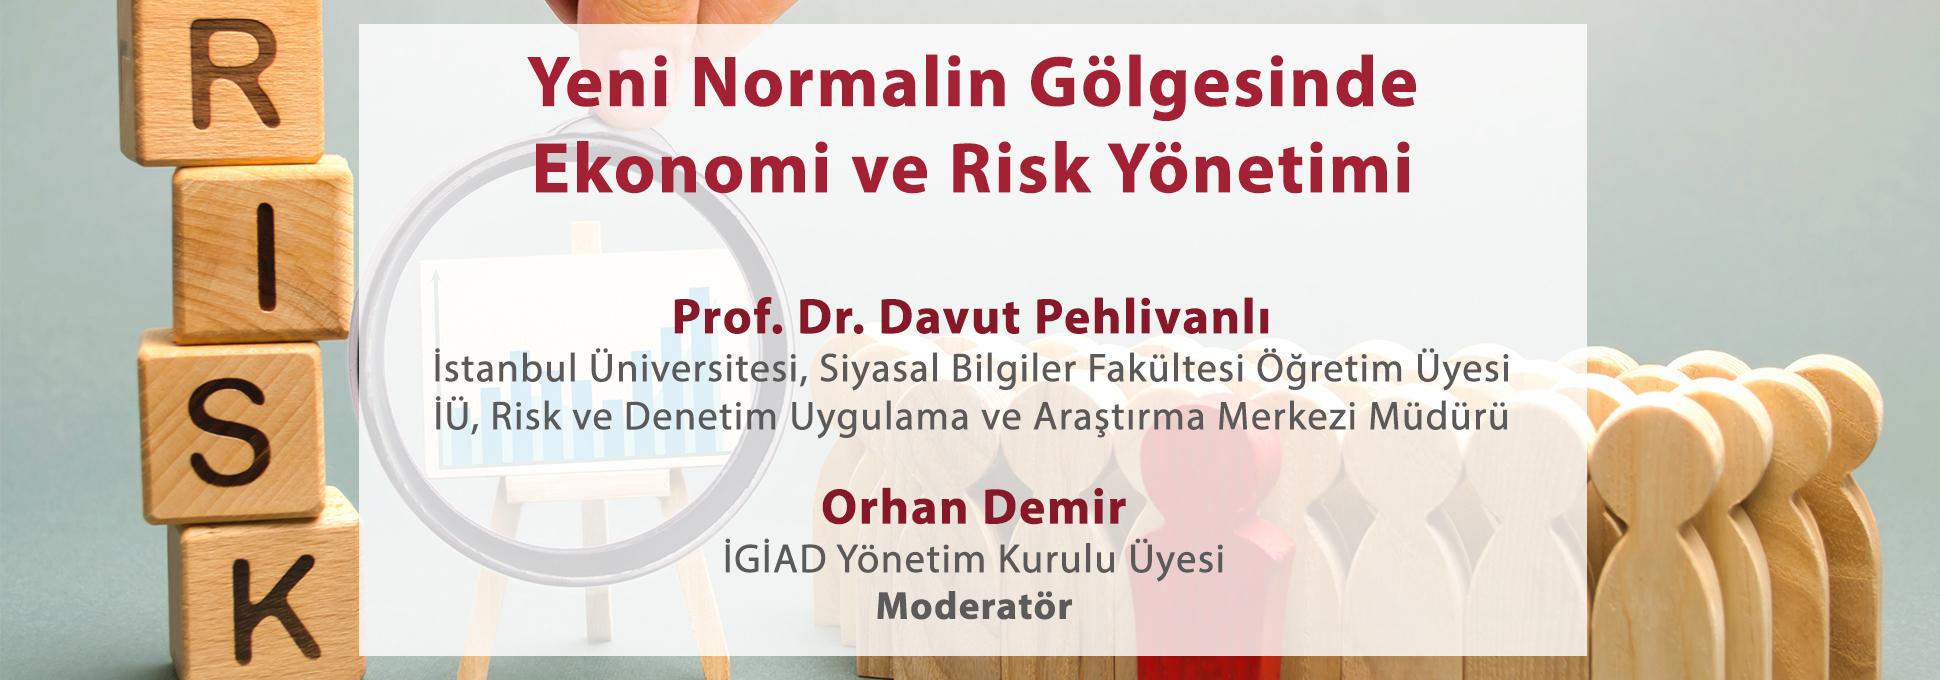 Yeni Normalin Gölgesinde Ekonomi ve Risk Yönetimi